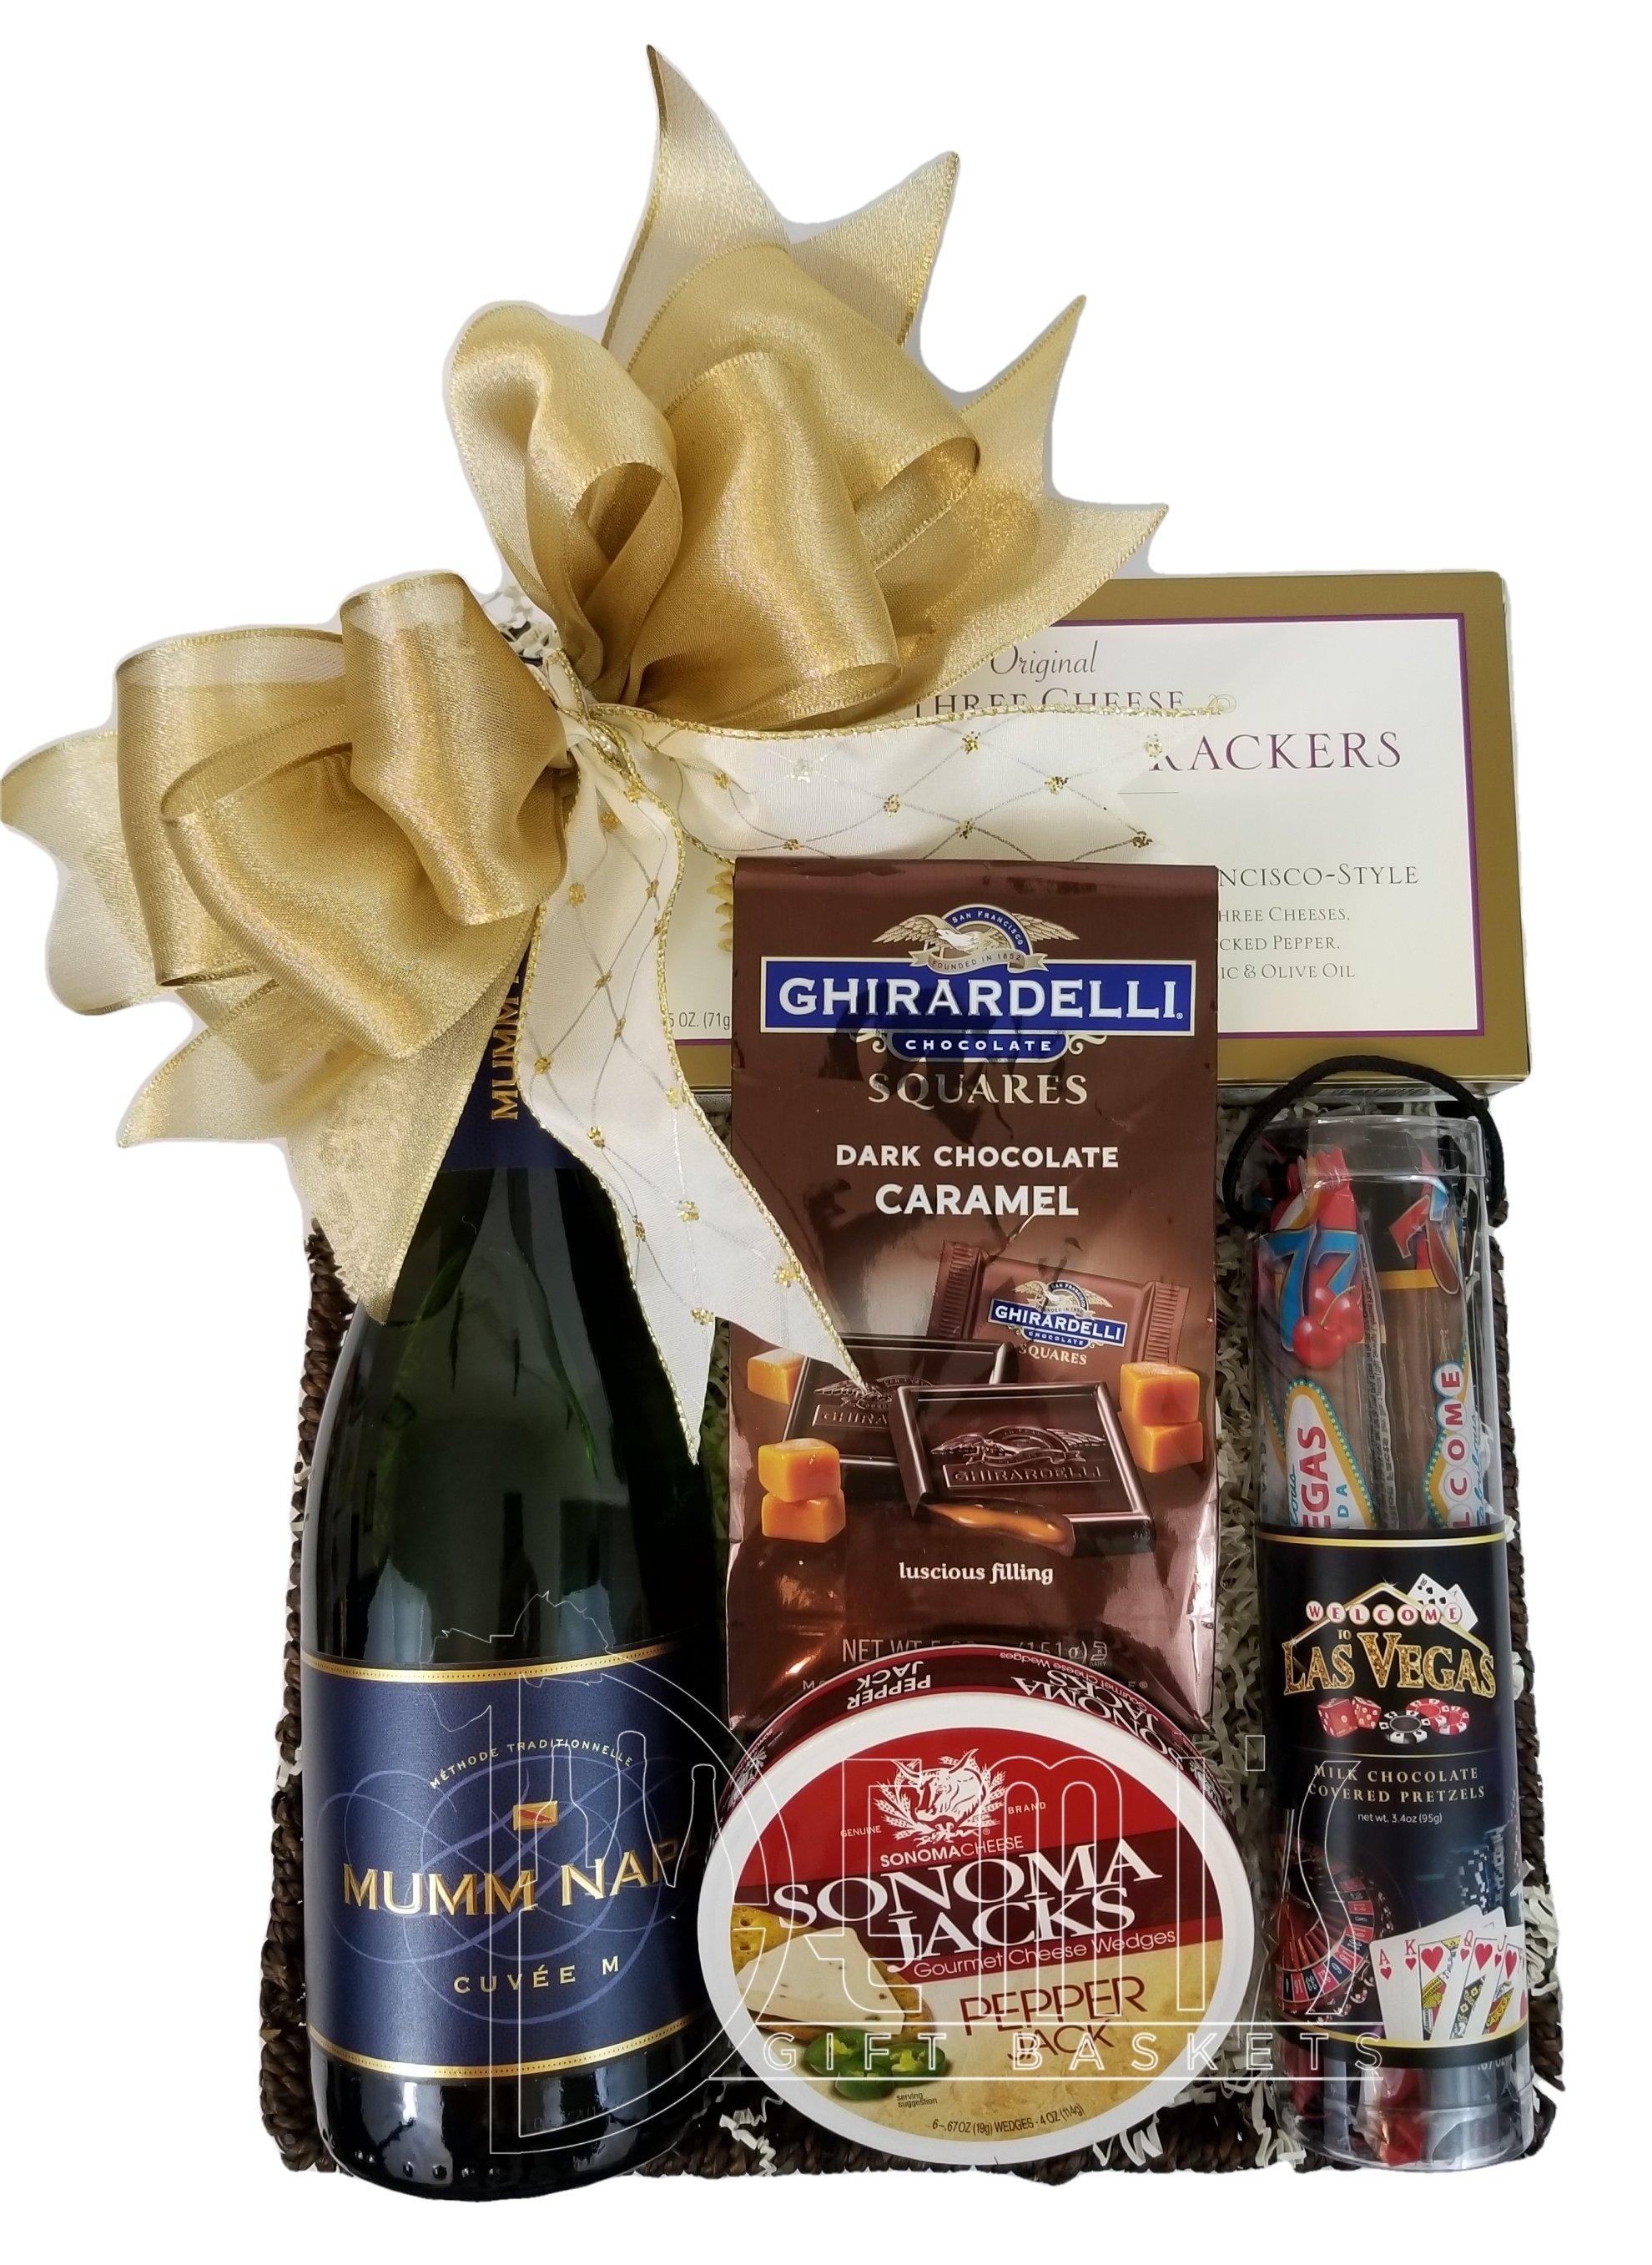 Mumm Napa Champagne Gift WC-46002